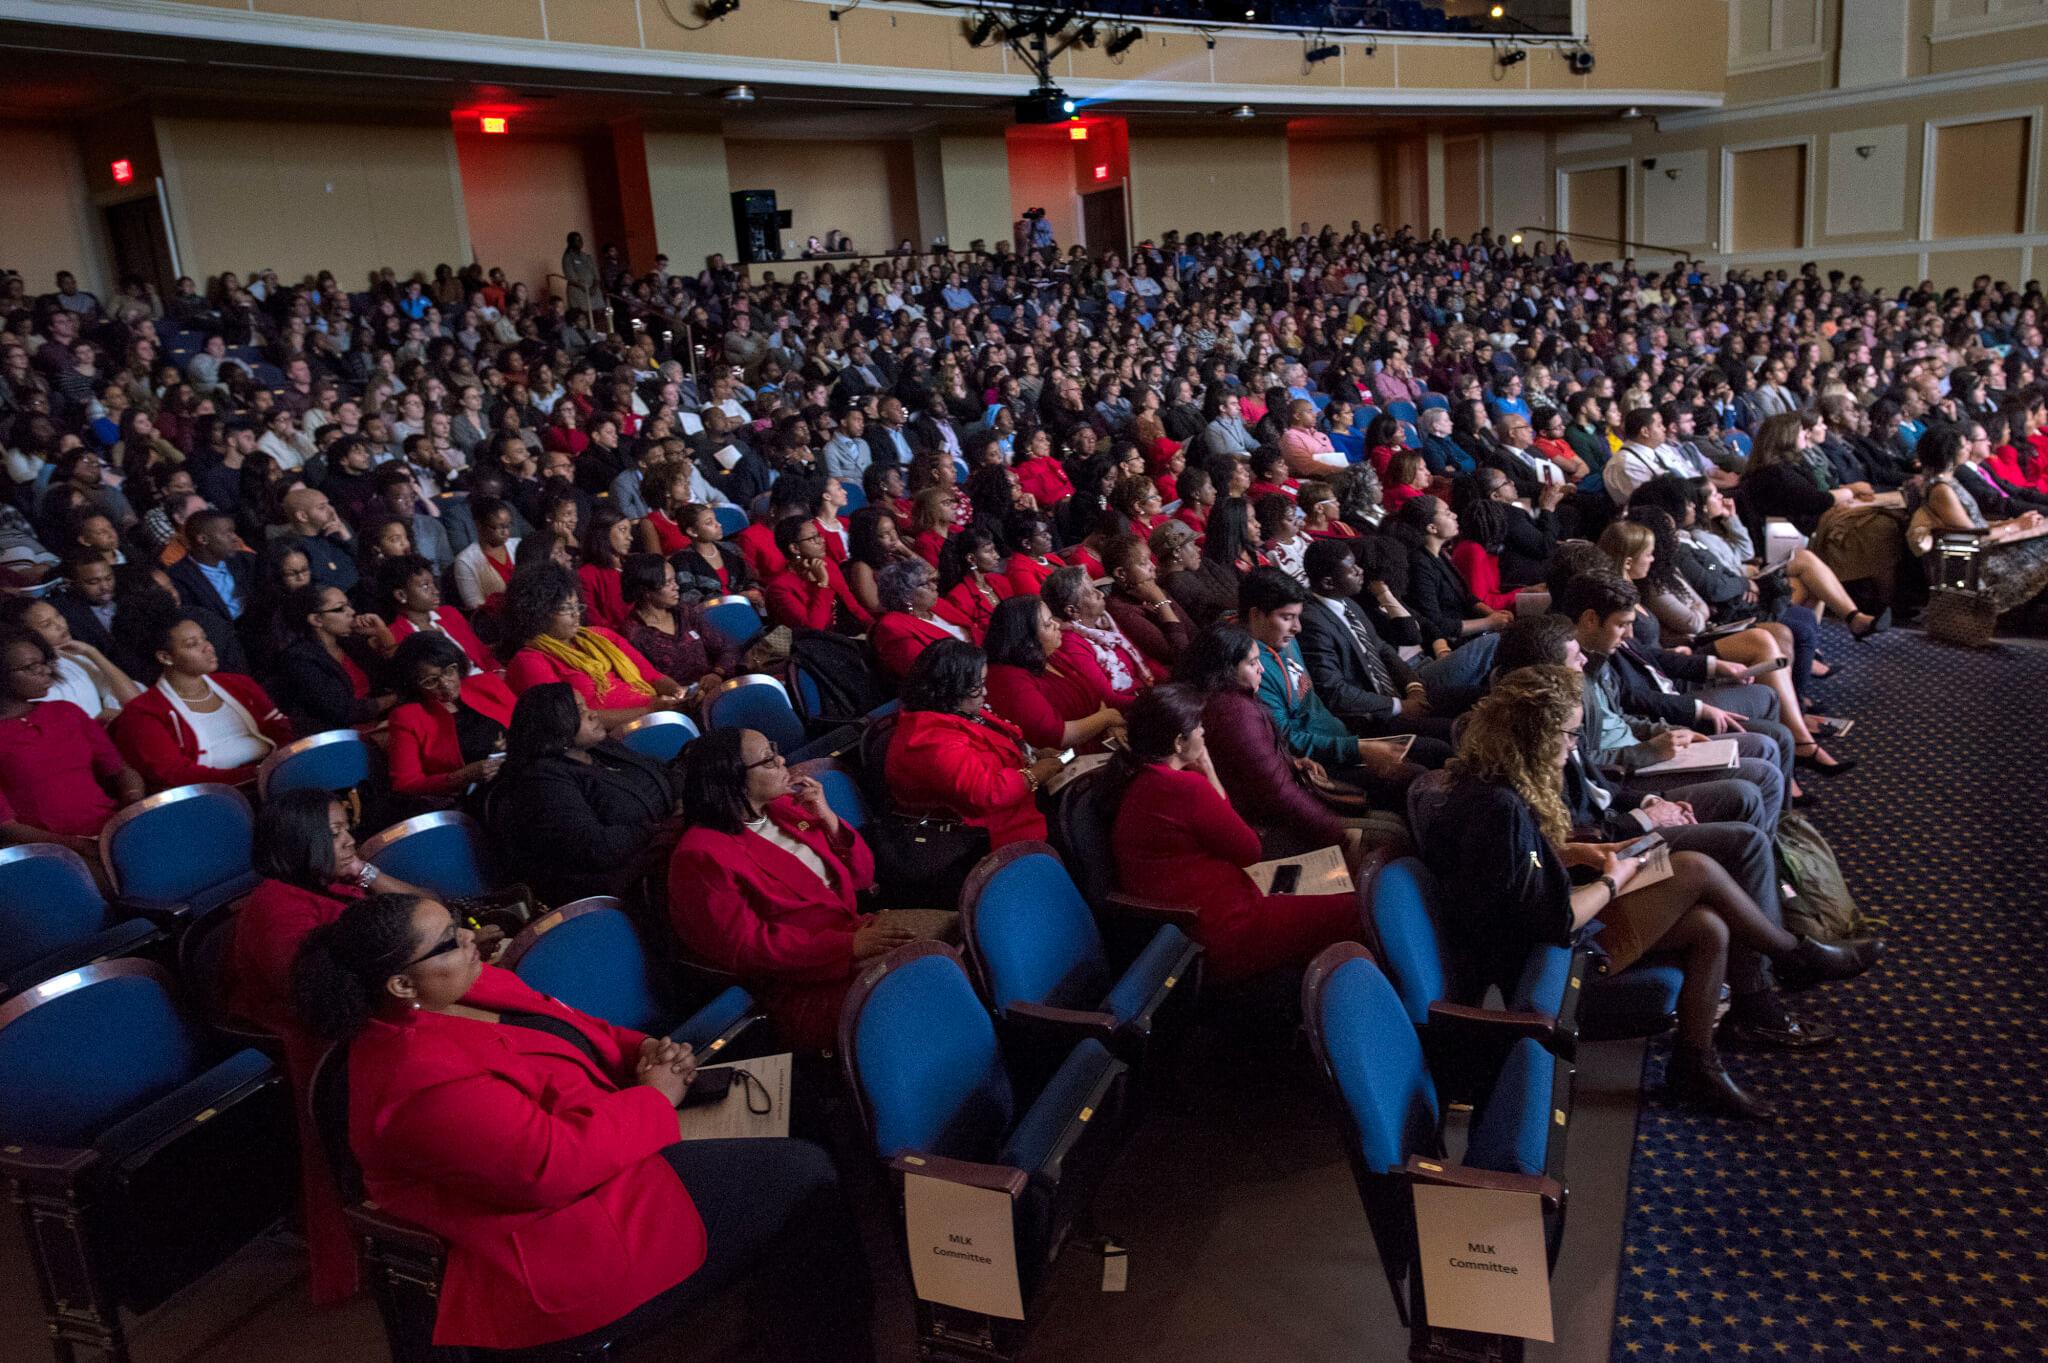 Crowd listens to speaker